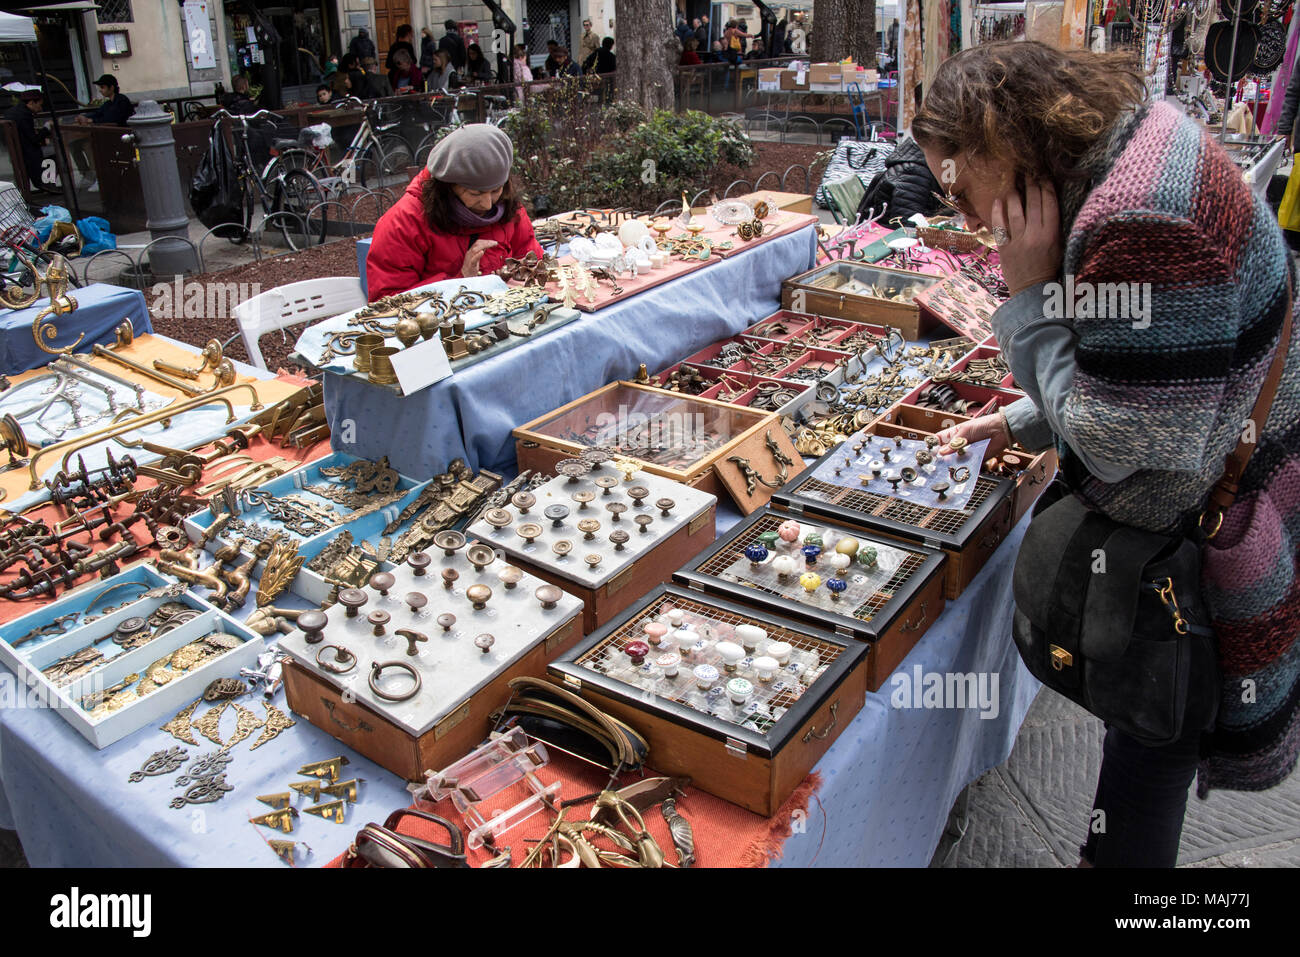 Mercato in Piazza Santo Spirito, Firenze, Italia. Foto Stock